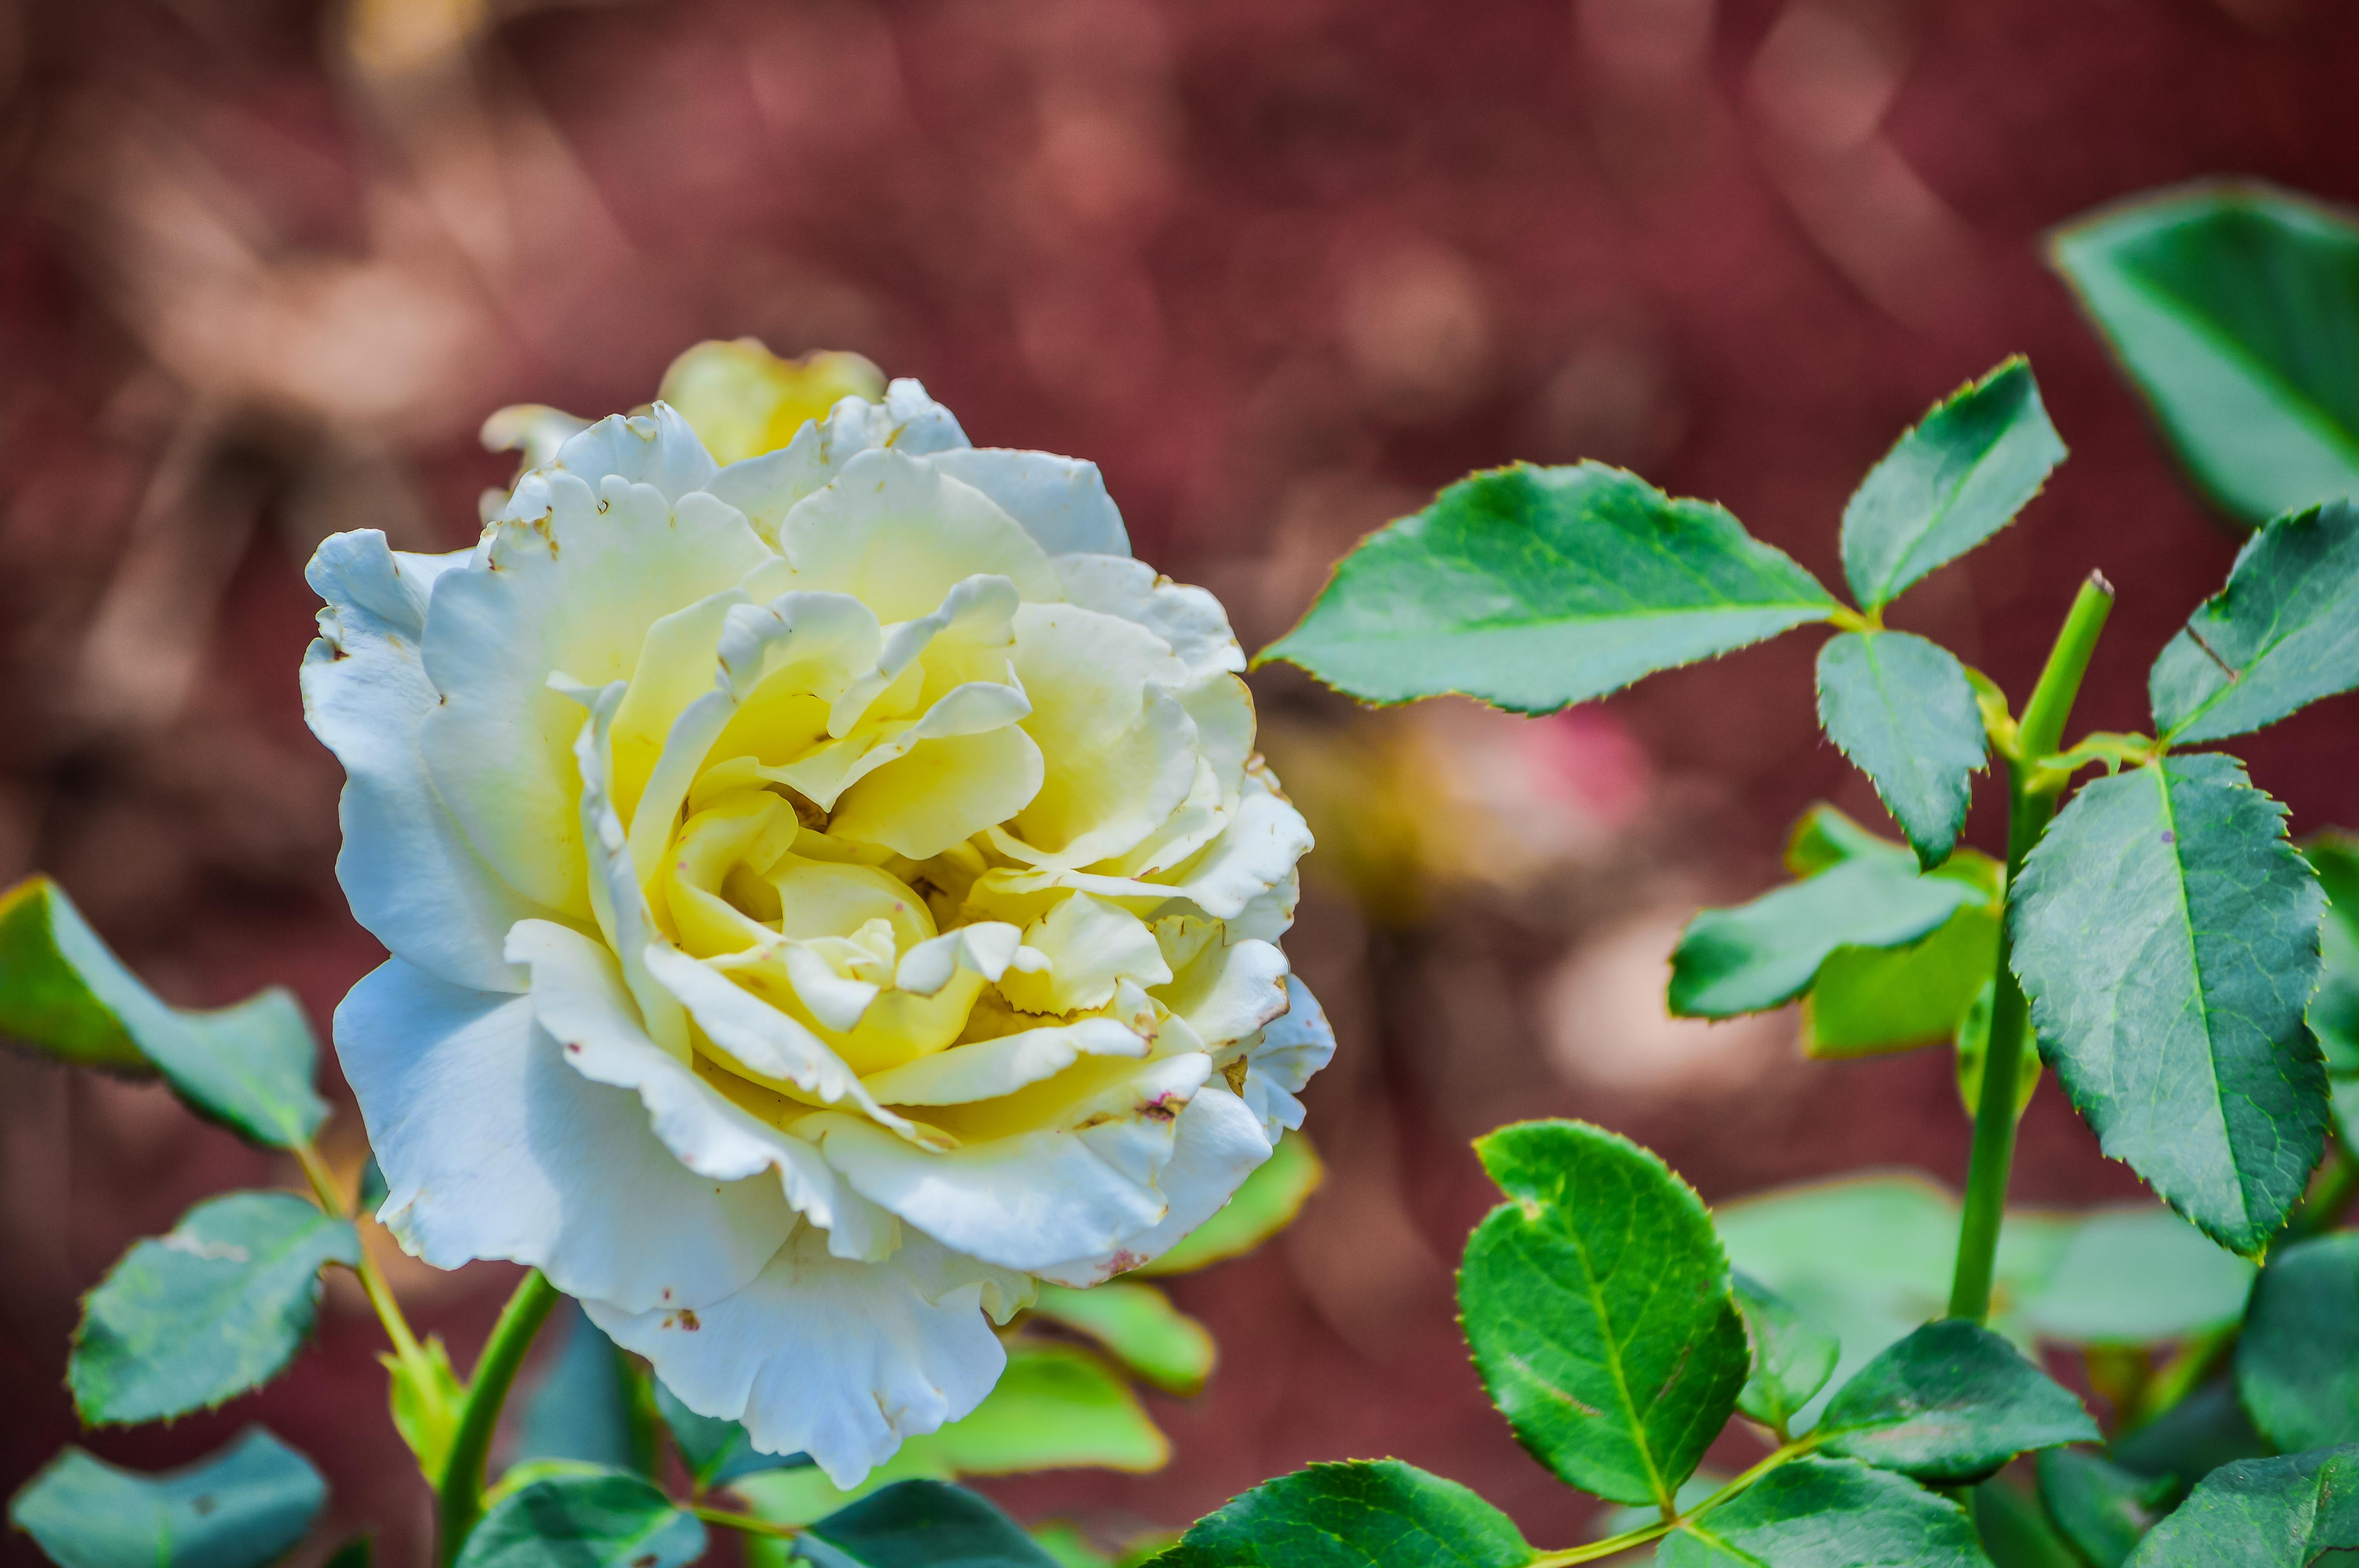 Gratis afbeeldingen natuur bloesem bokeh fabriek wit blad bloem bloemblad bloemen - Kleur rood ruimte ...